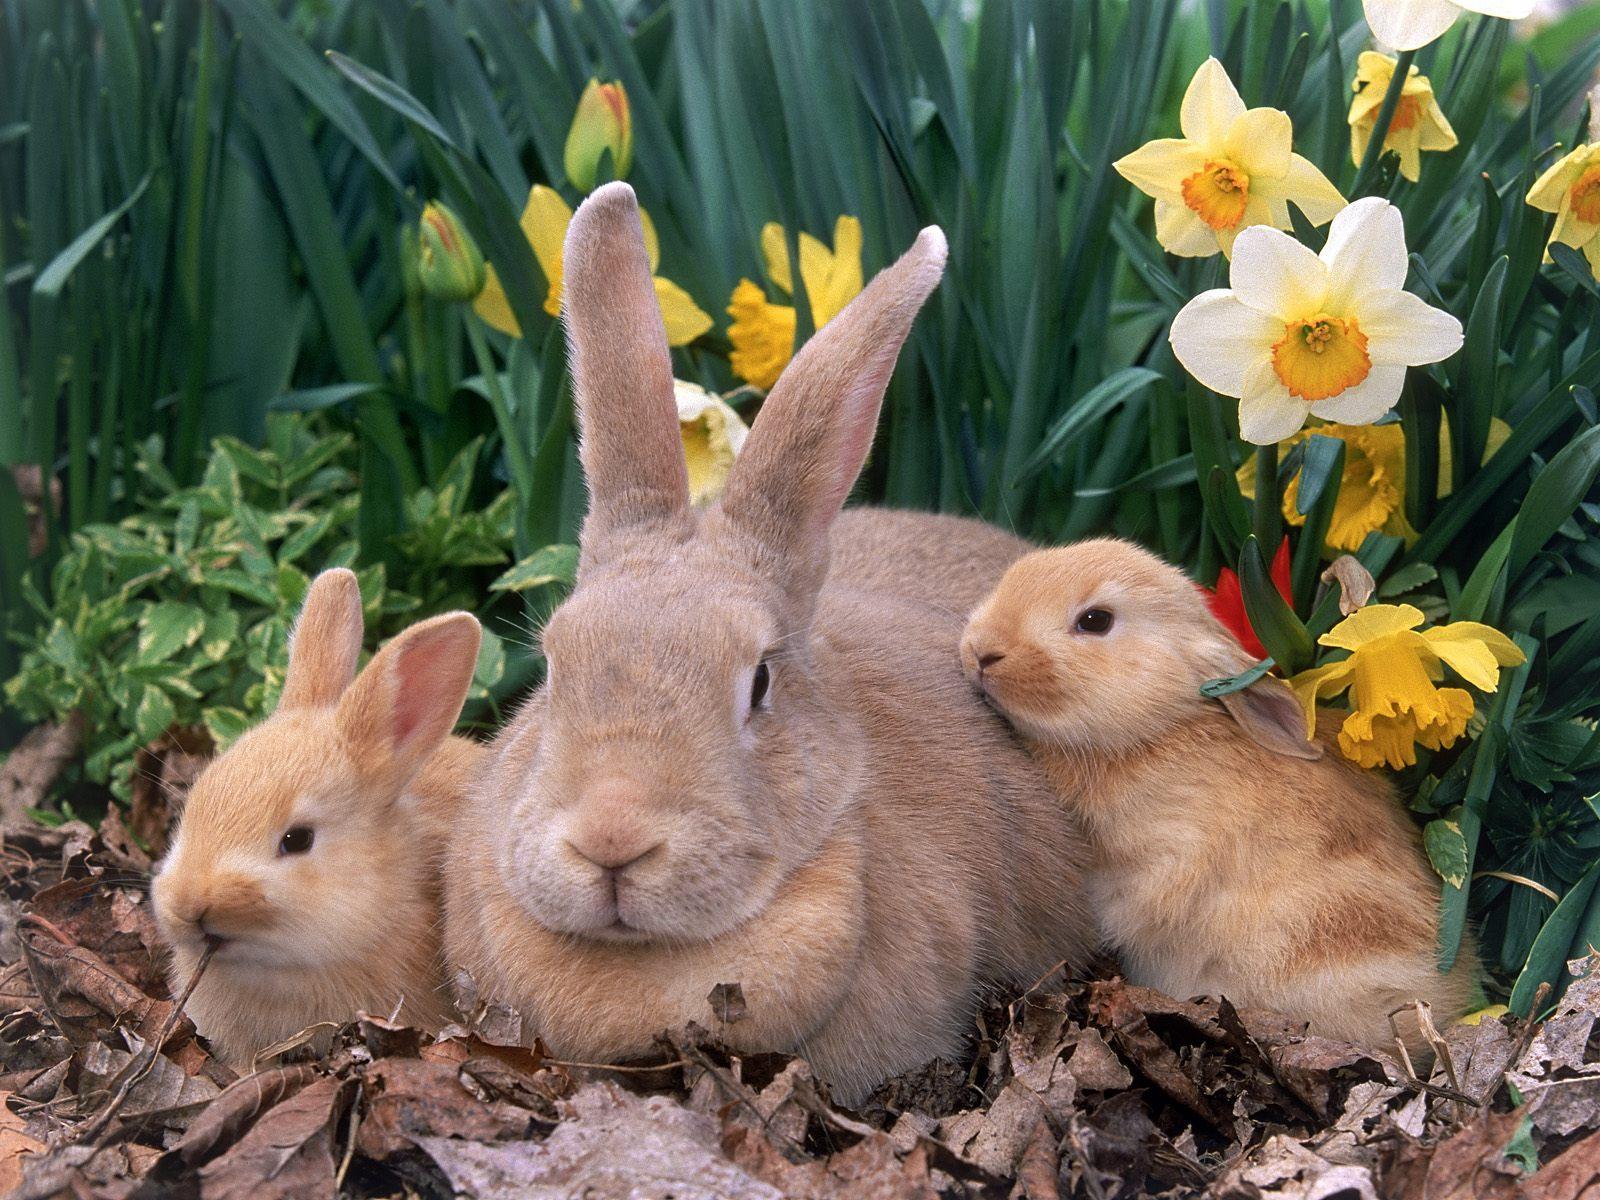 http://3.bp.blogspot.com/-wUoVp1aKSsw/TzSjvrr28uI/AAAAAAAAAZY/KiFIynXC3qc/s1600/Rabbits+Cute+Free+HD+Wallpaper.jpg